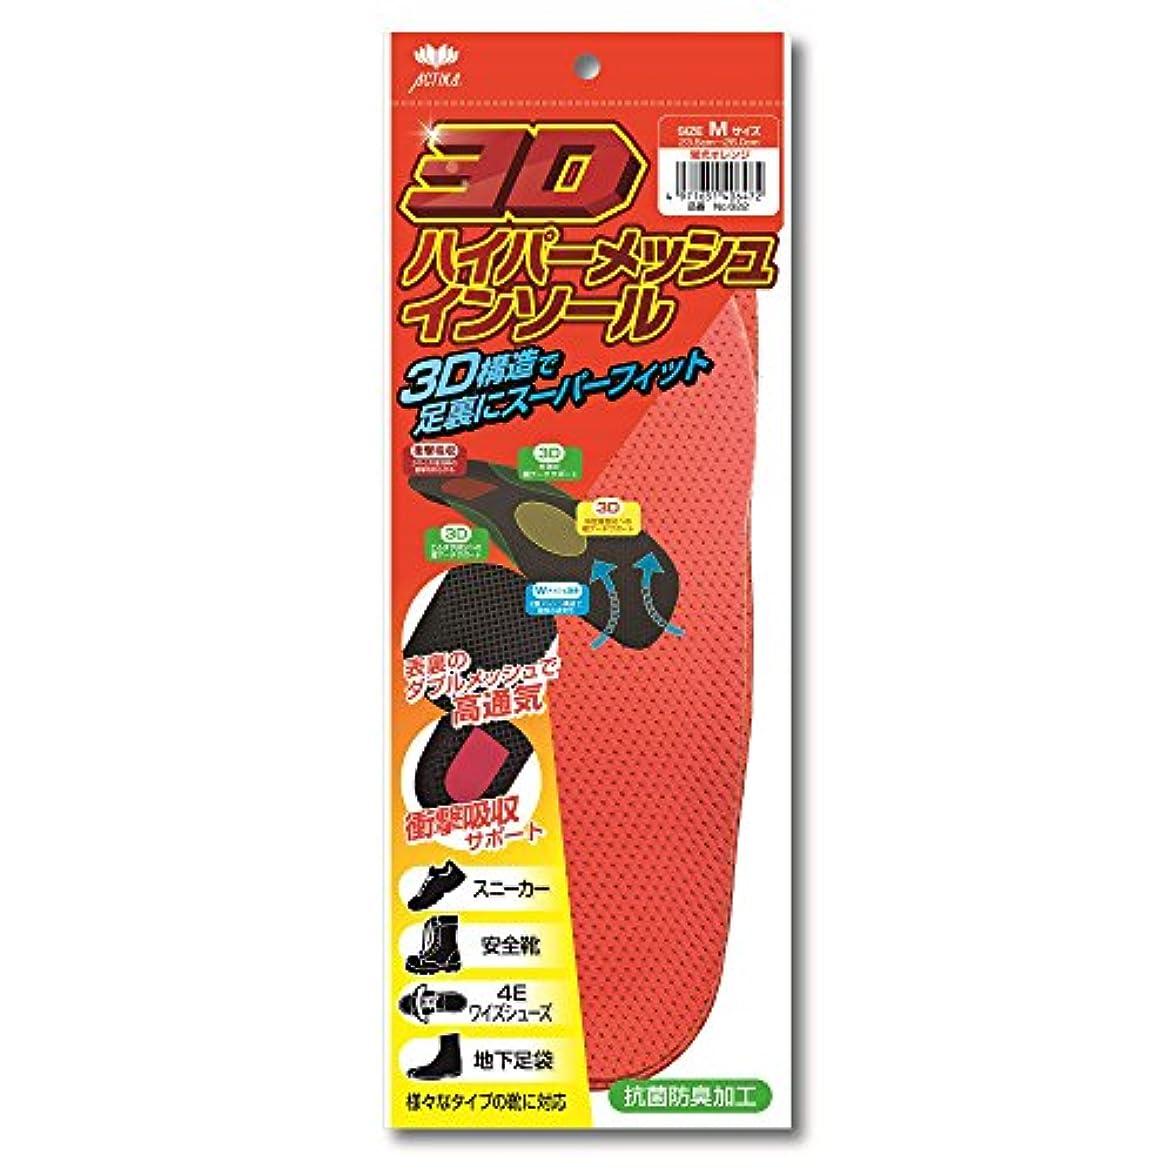 労苦着実に工業化するアクティカ 3Dハイパーメッシュインソール オレンジ 男性用 No.622 L(26.0~28.0cm)